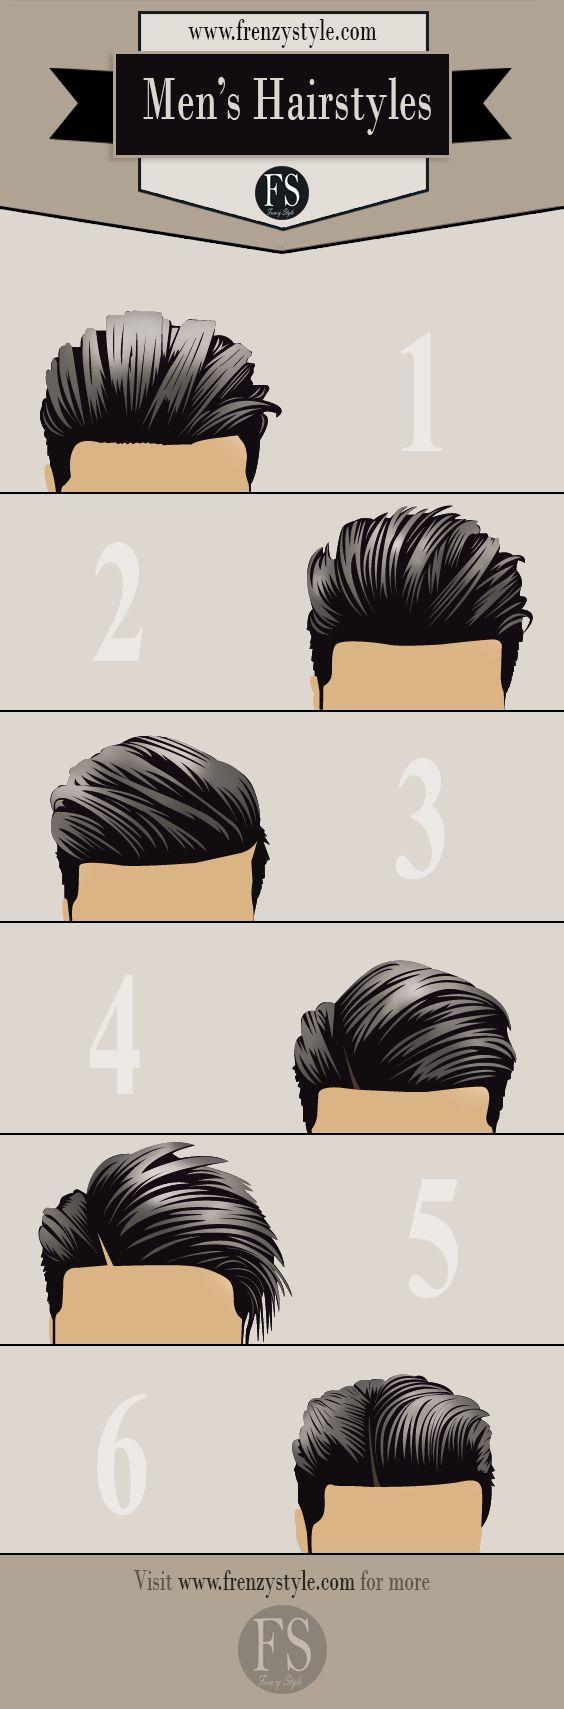 O cabelo grande e pra trás em algumas formas de pentear!